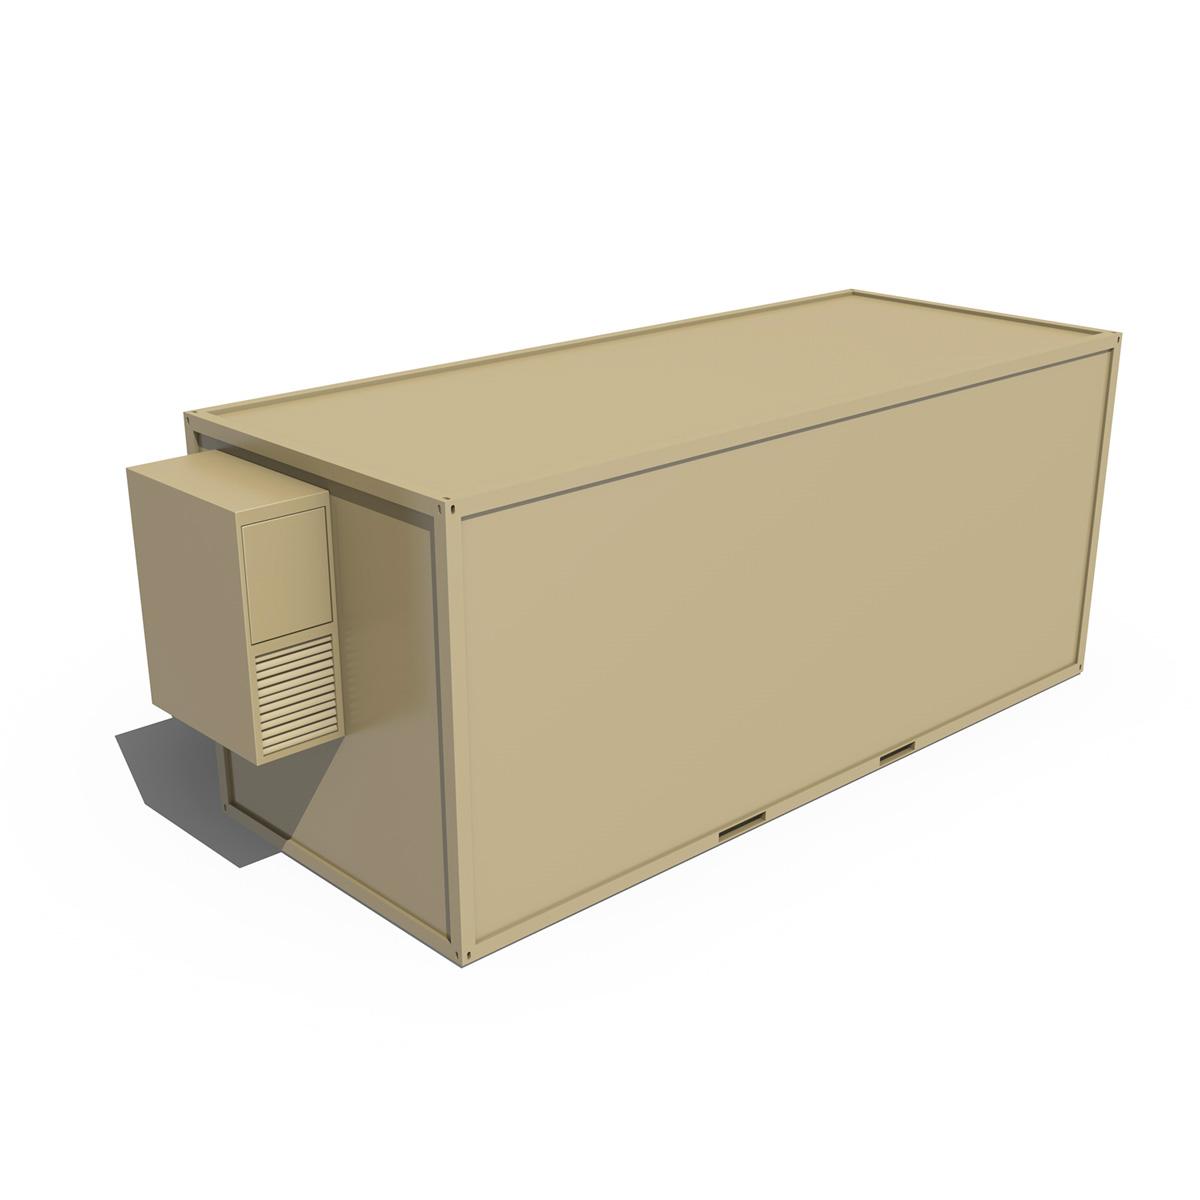 20ft office container version two 3d model 3ds fbx c4d lwo obj 252276